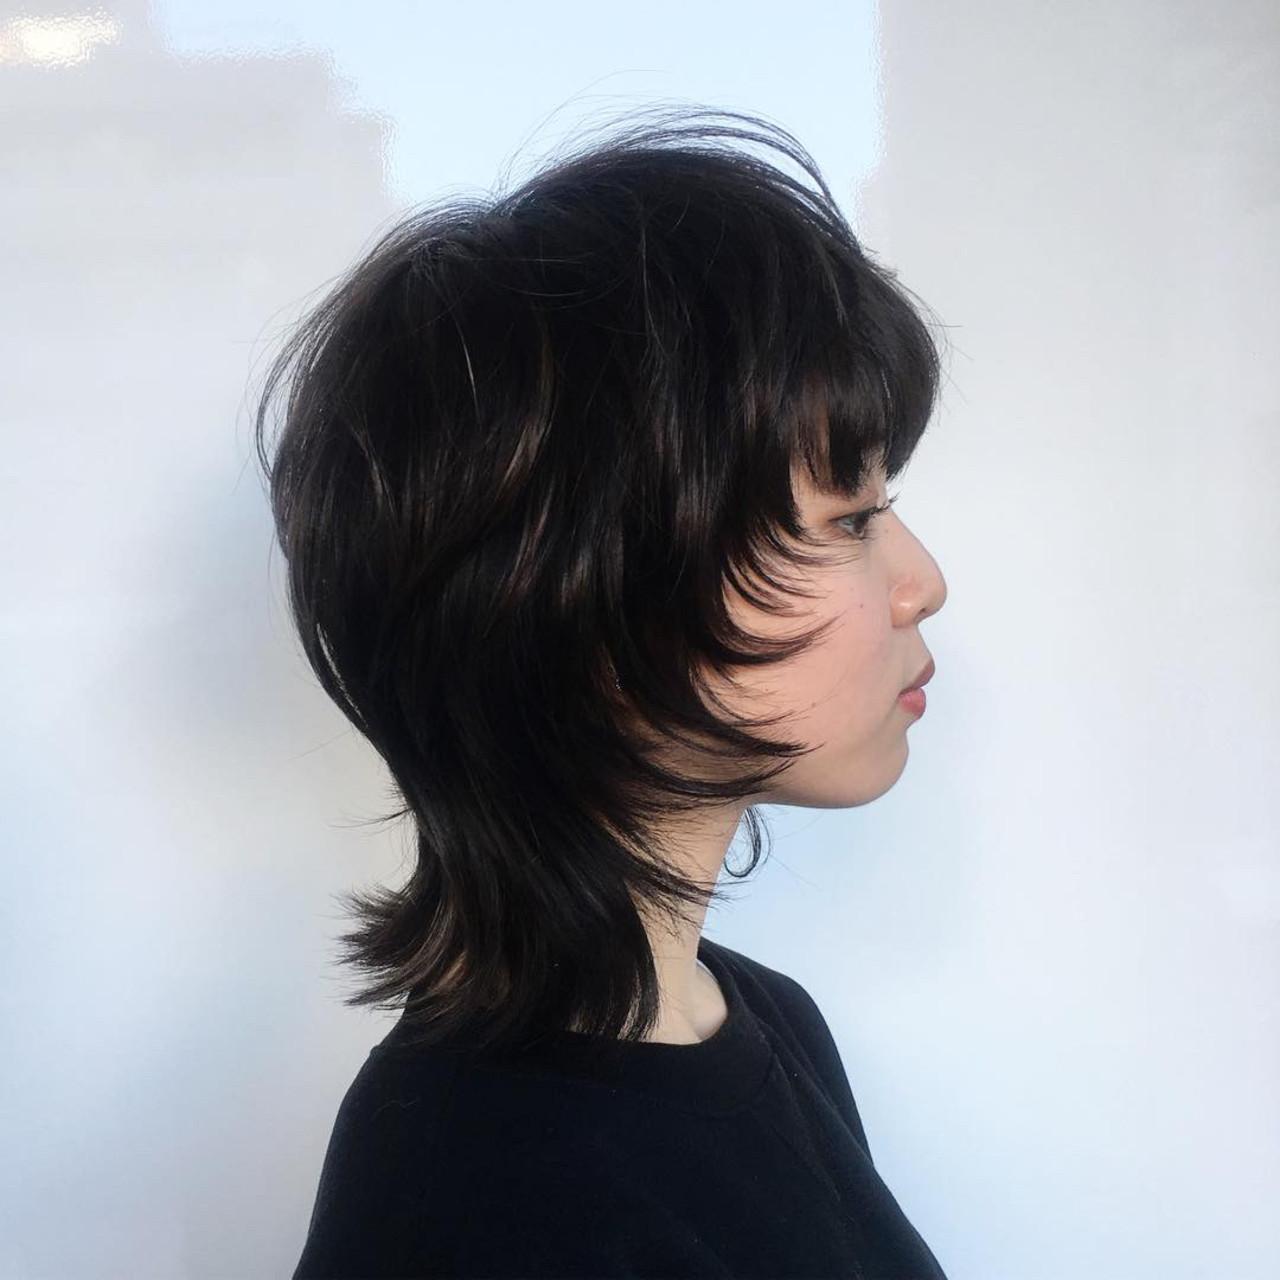 ウルフカット ストリート パーマ ウルフパーマ ヘアスタイルや髪型の写真・画像